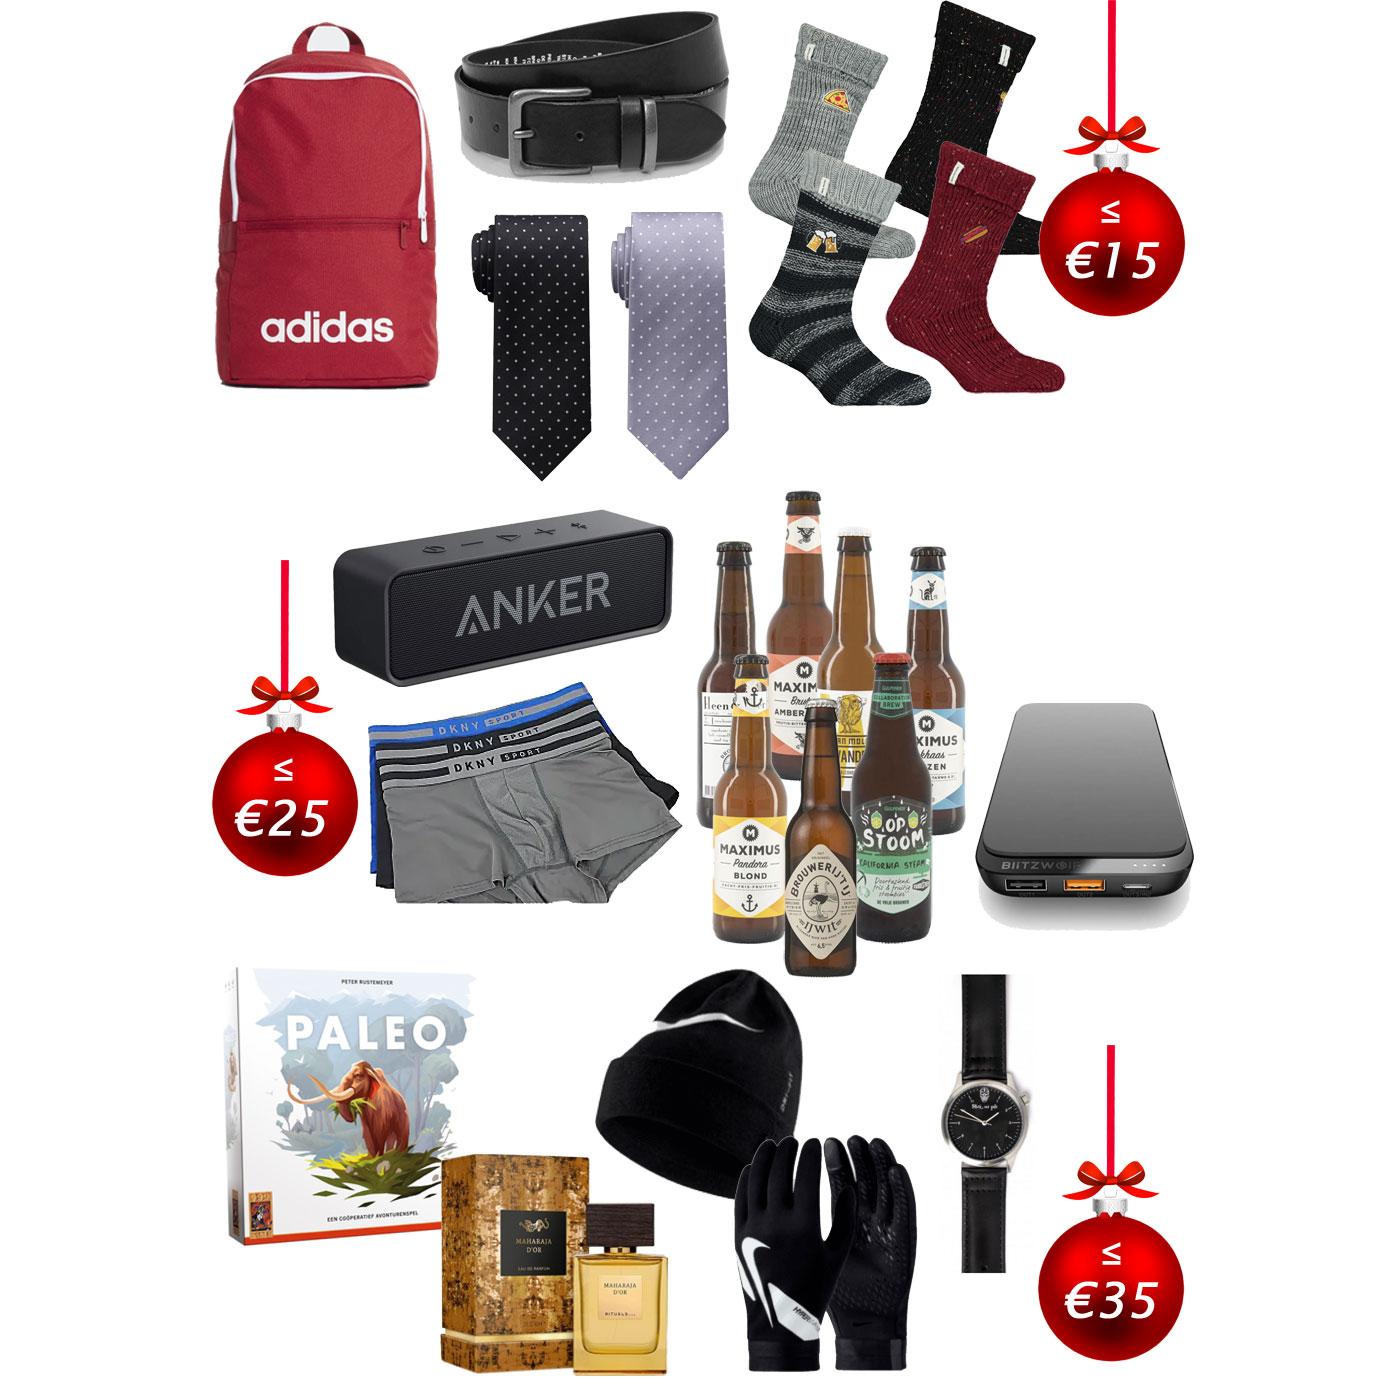 Kerst shoptips - 12 cadeautjes voor hem - van €7,50 tot €35